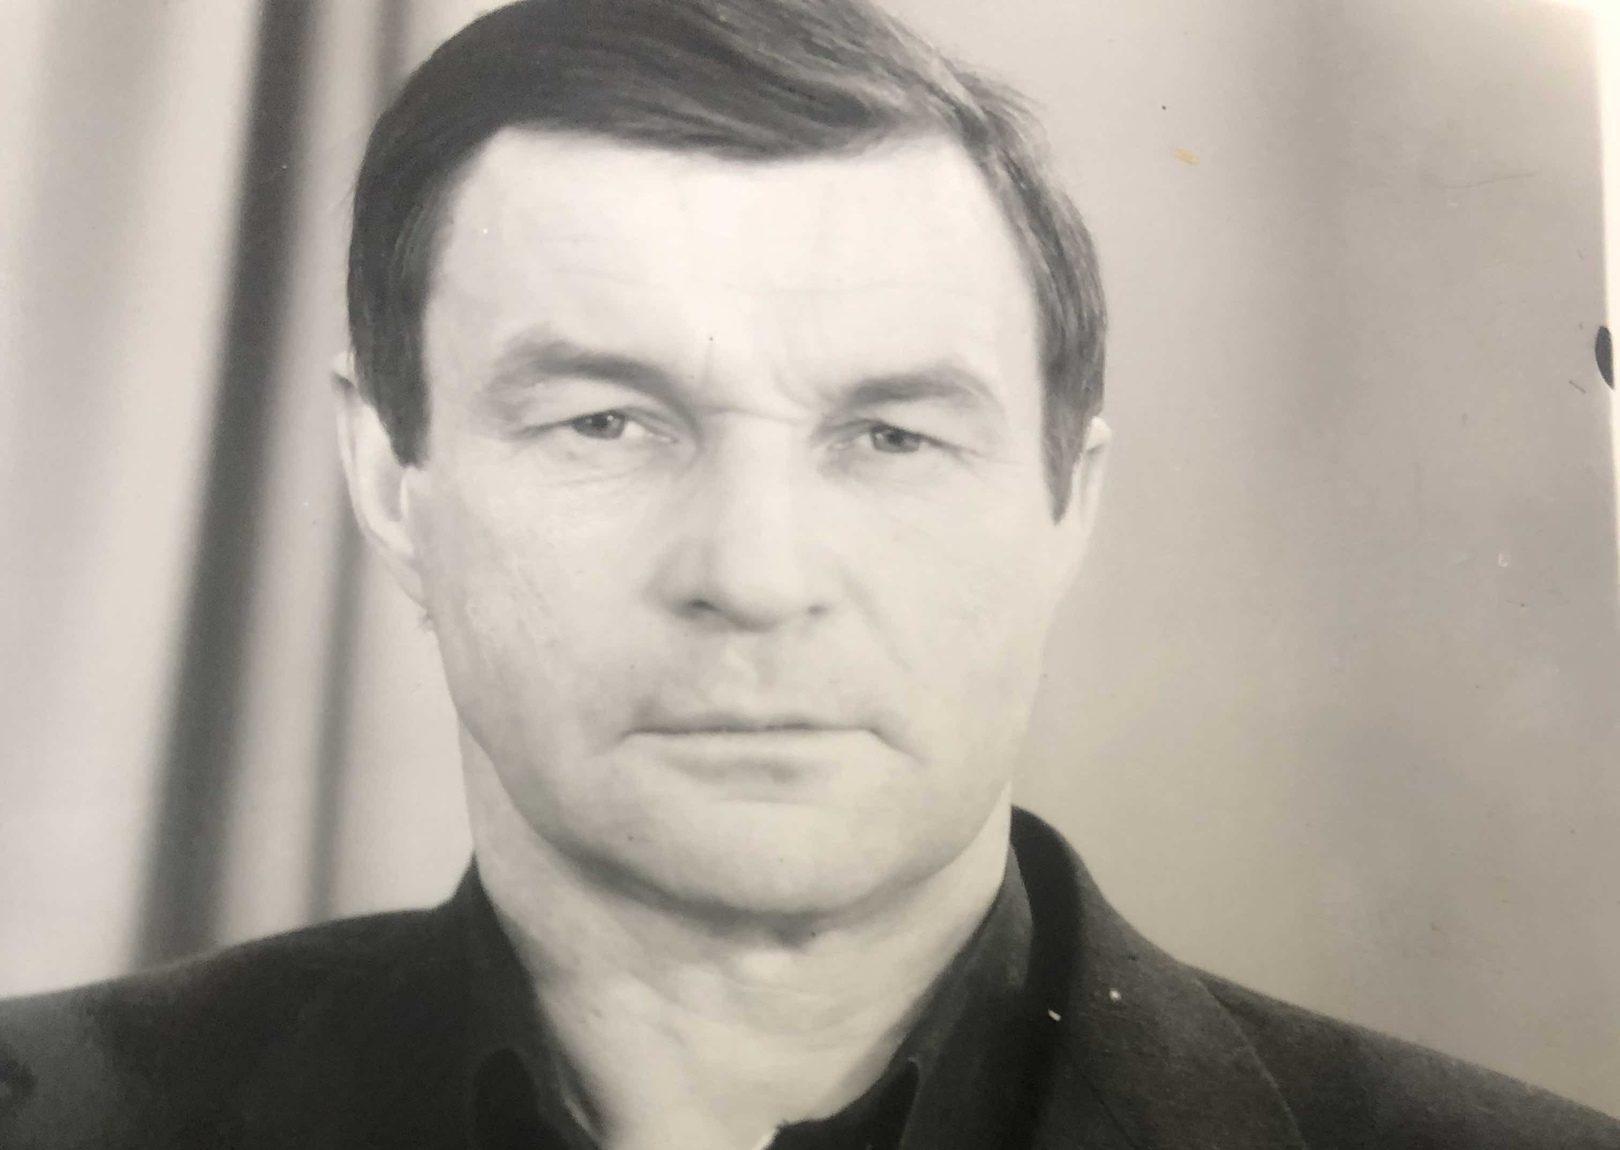 Владимир Комаров: Залог суверенитета и территориальной целостности страны - сильная армия с современным вооружением